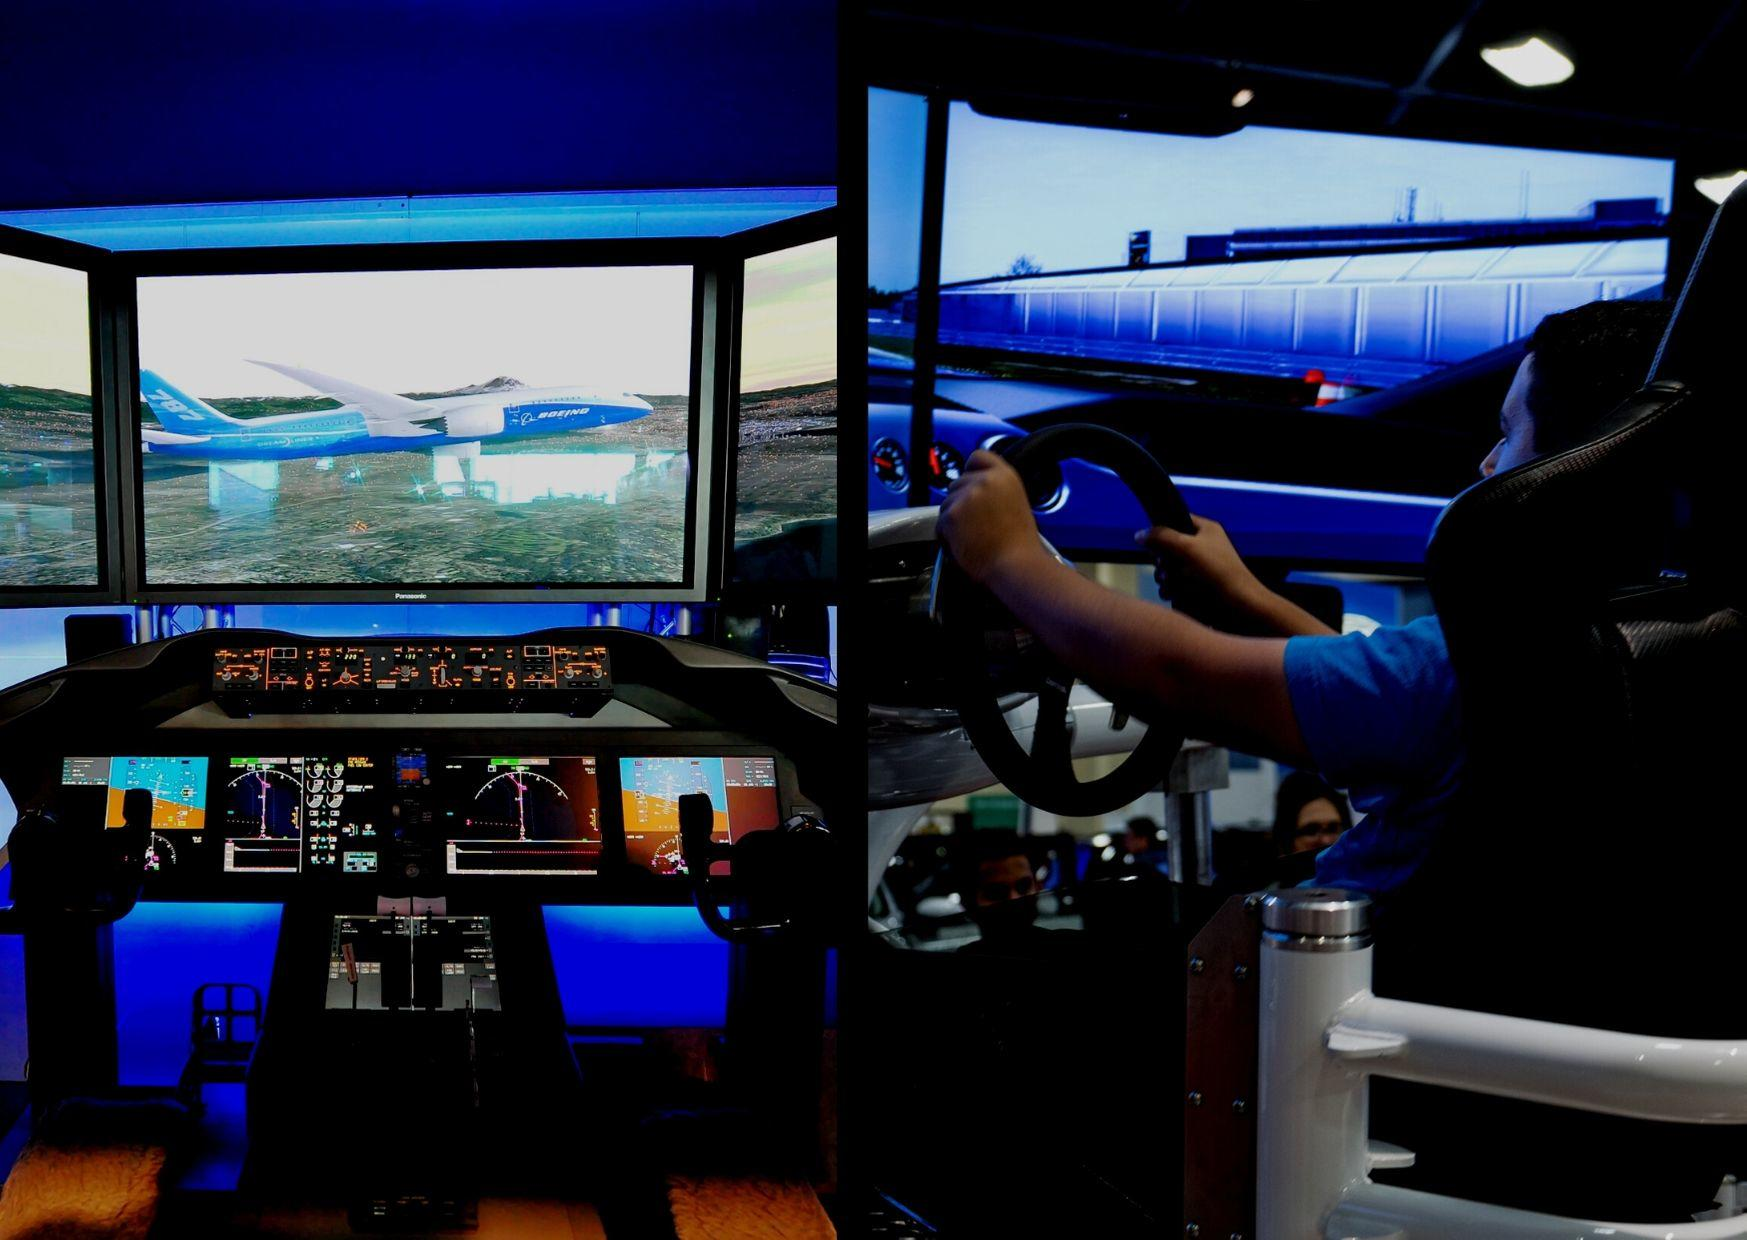 cockpit-simulator-training-eye-tracking